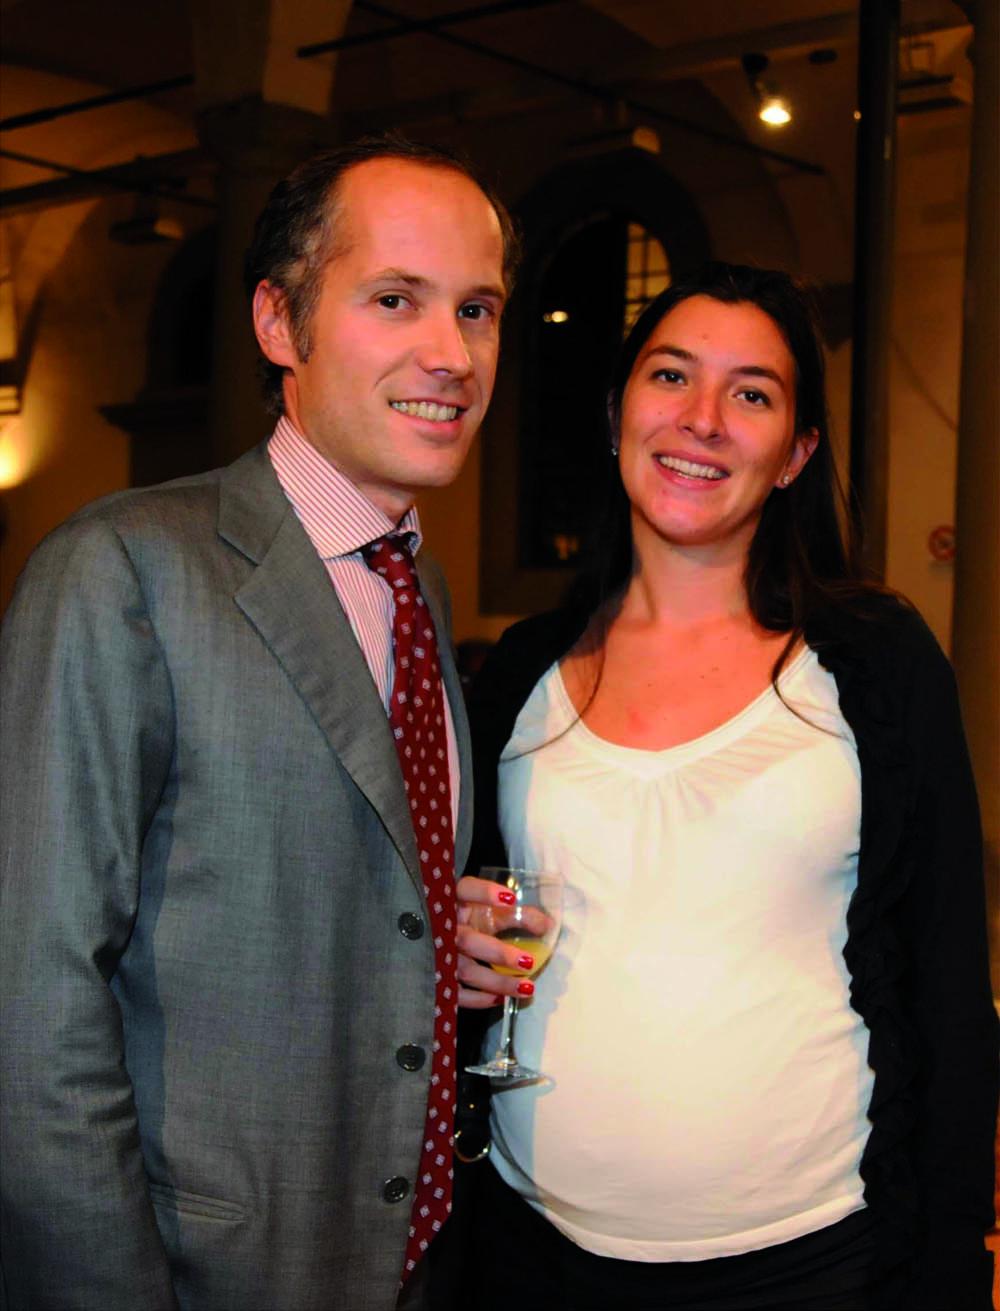 Pressphoto, Firenze Magazine, Serata Piccini al Convitto della Calza,:  Manfredi e Alessandra Olivetti Rason